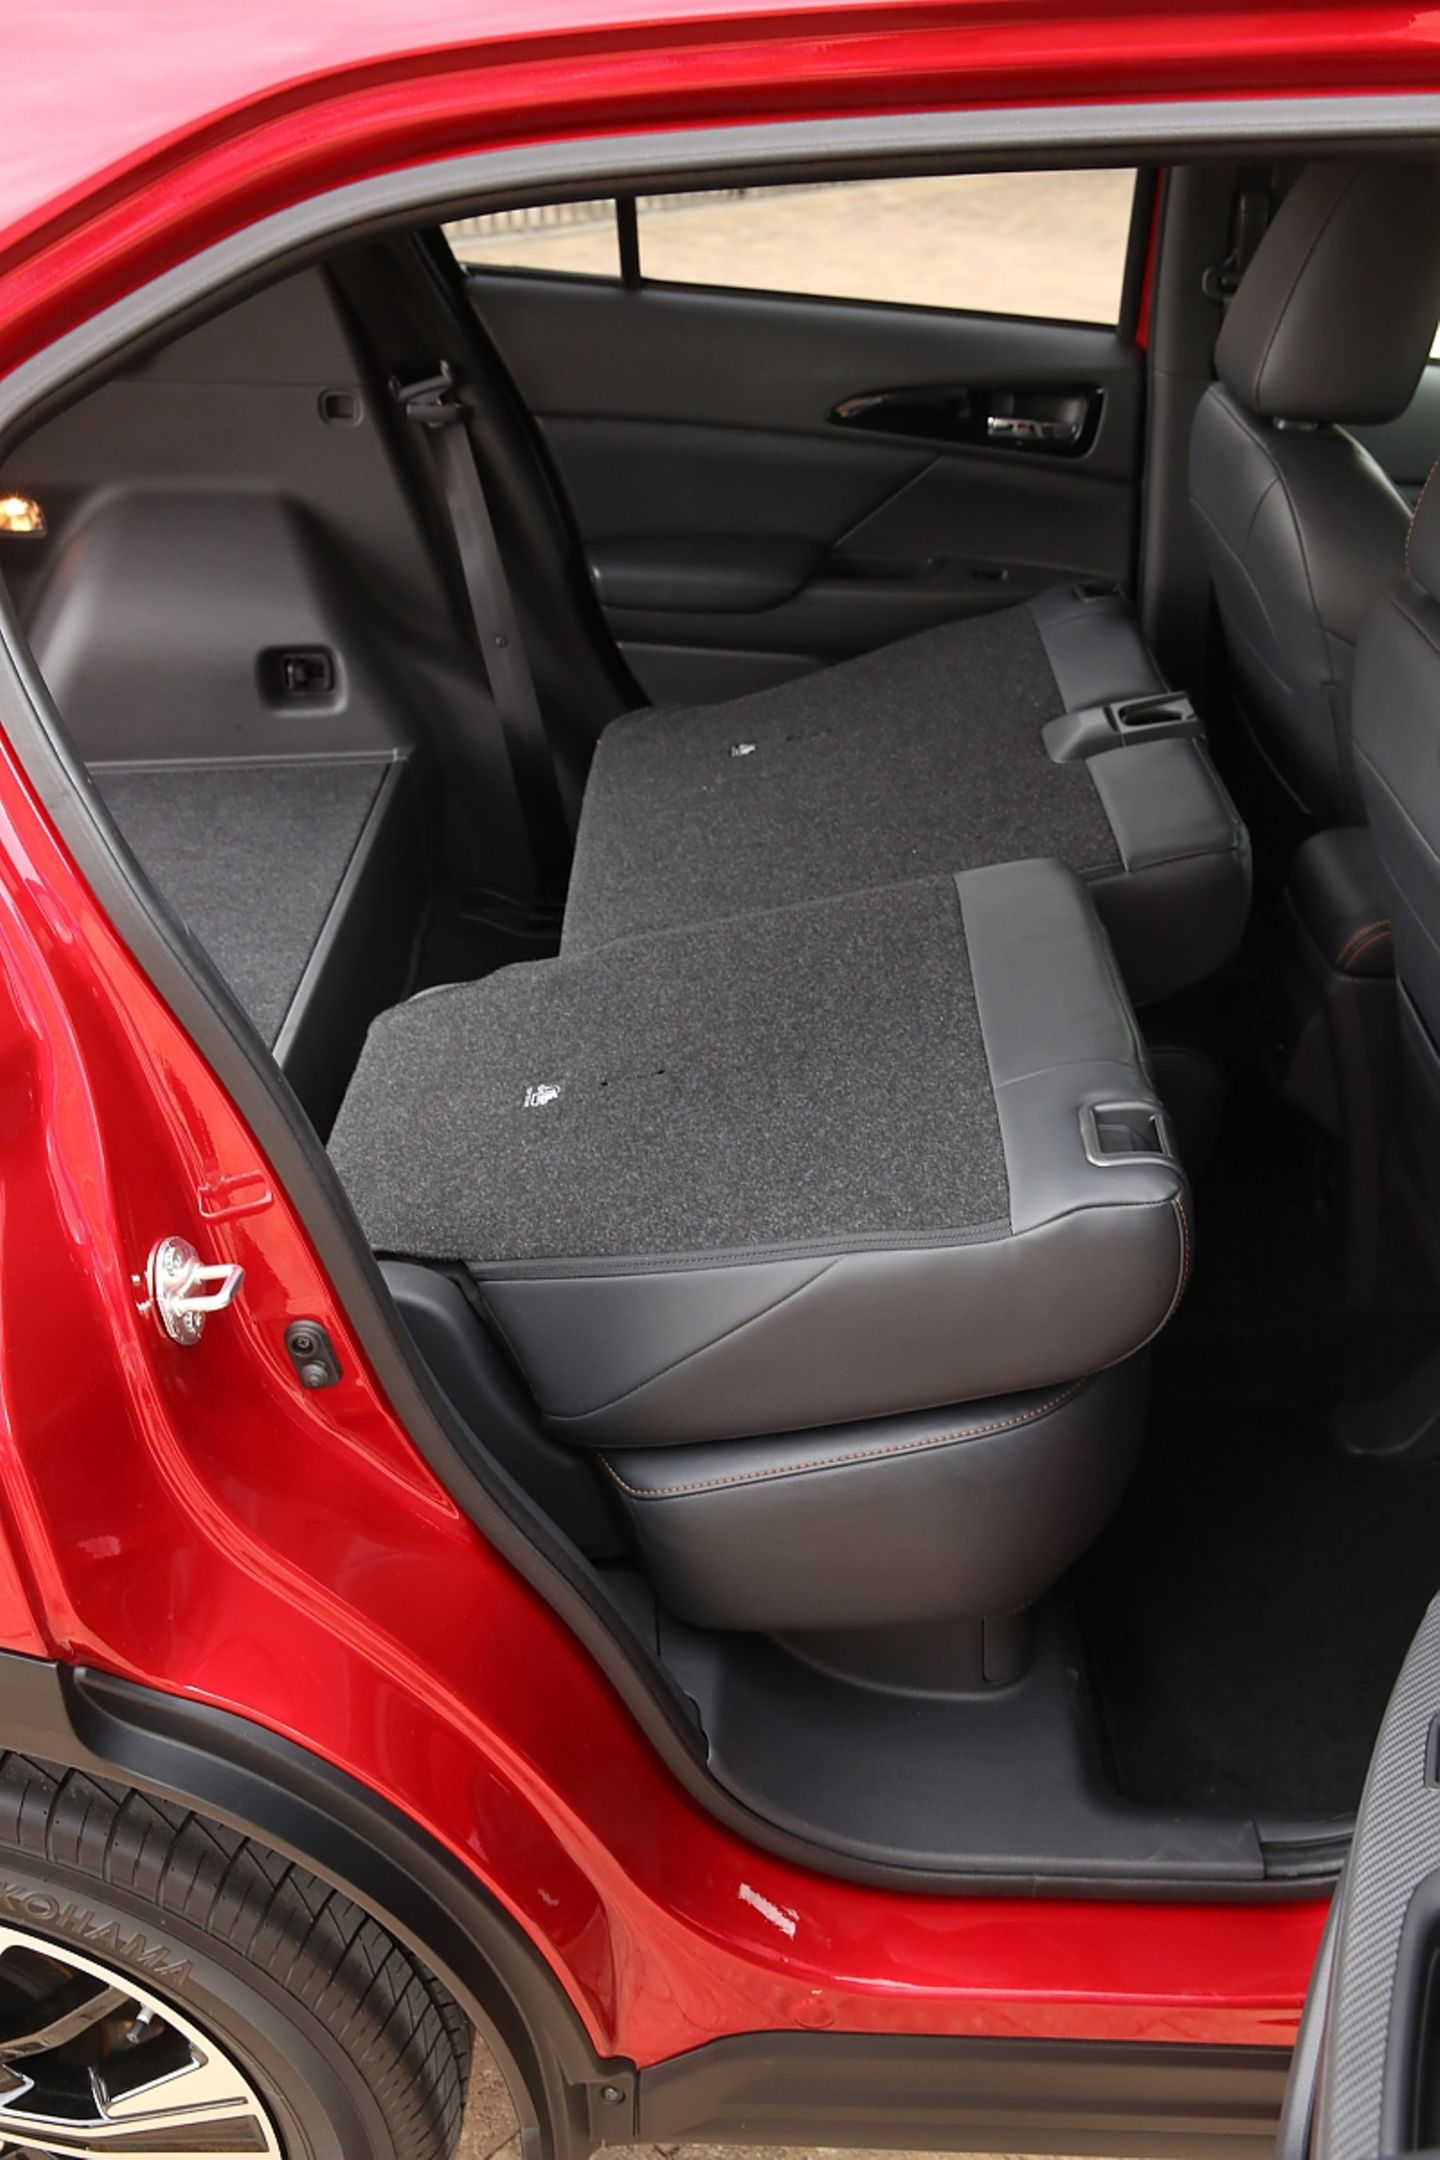 Mitsubishi Eclipse Cross 1.5 Turbo - die Rückbank lässt sich um 20 cm verschieben